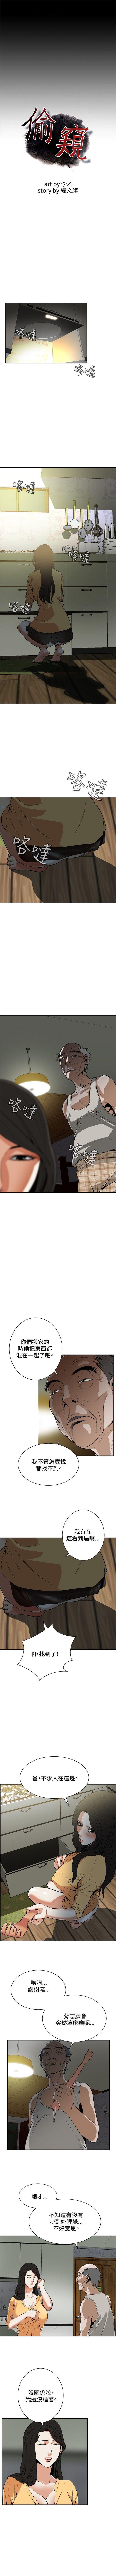 偷窥  0-10 中文翻译 (更新中) 23